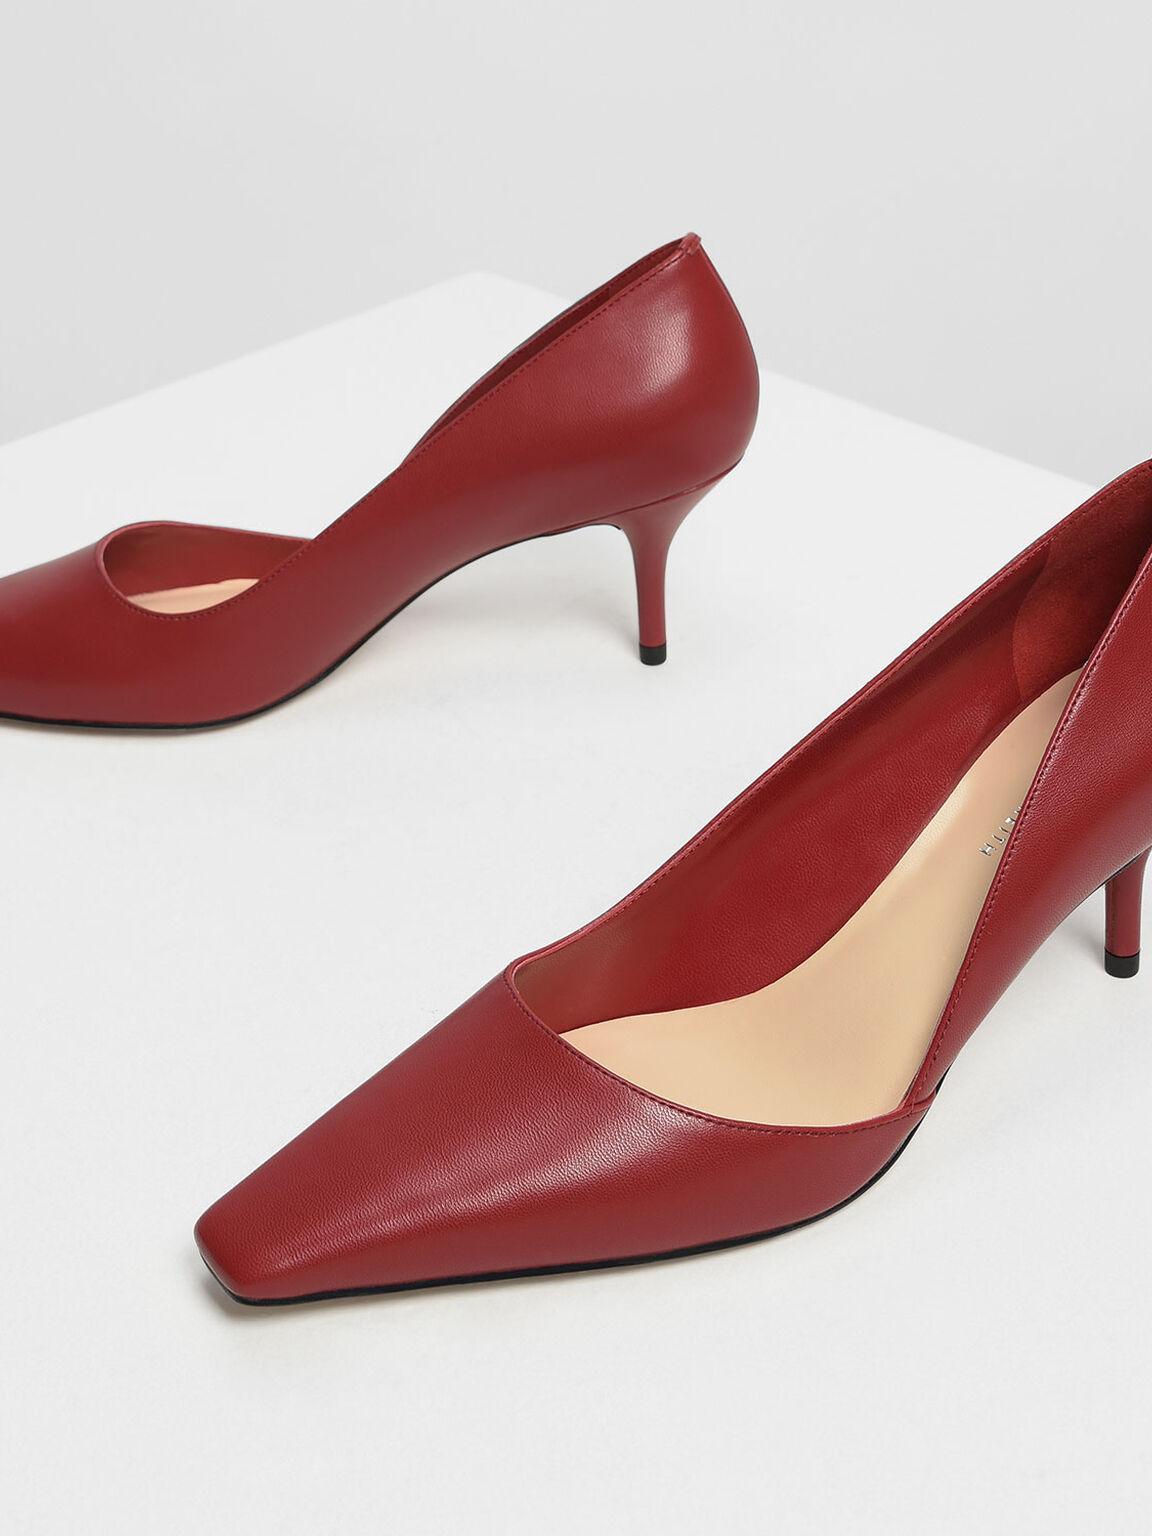 D'Orsay Heels, Red, hi-res